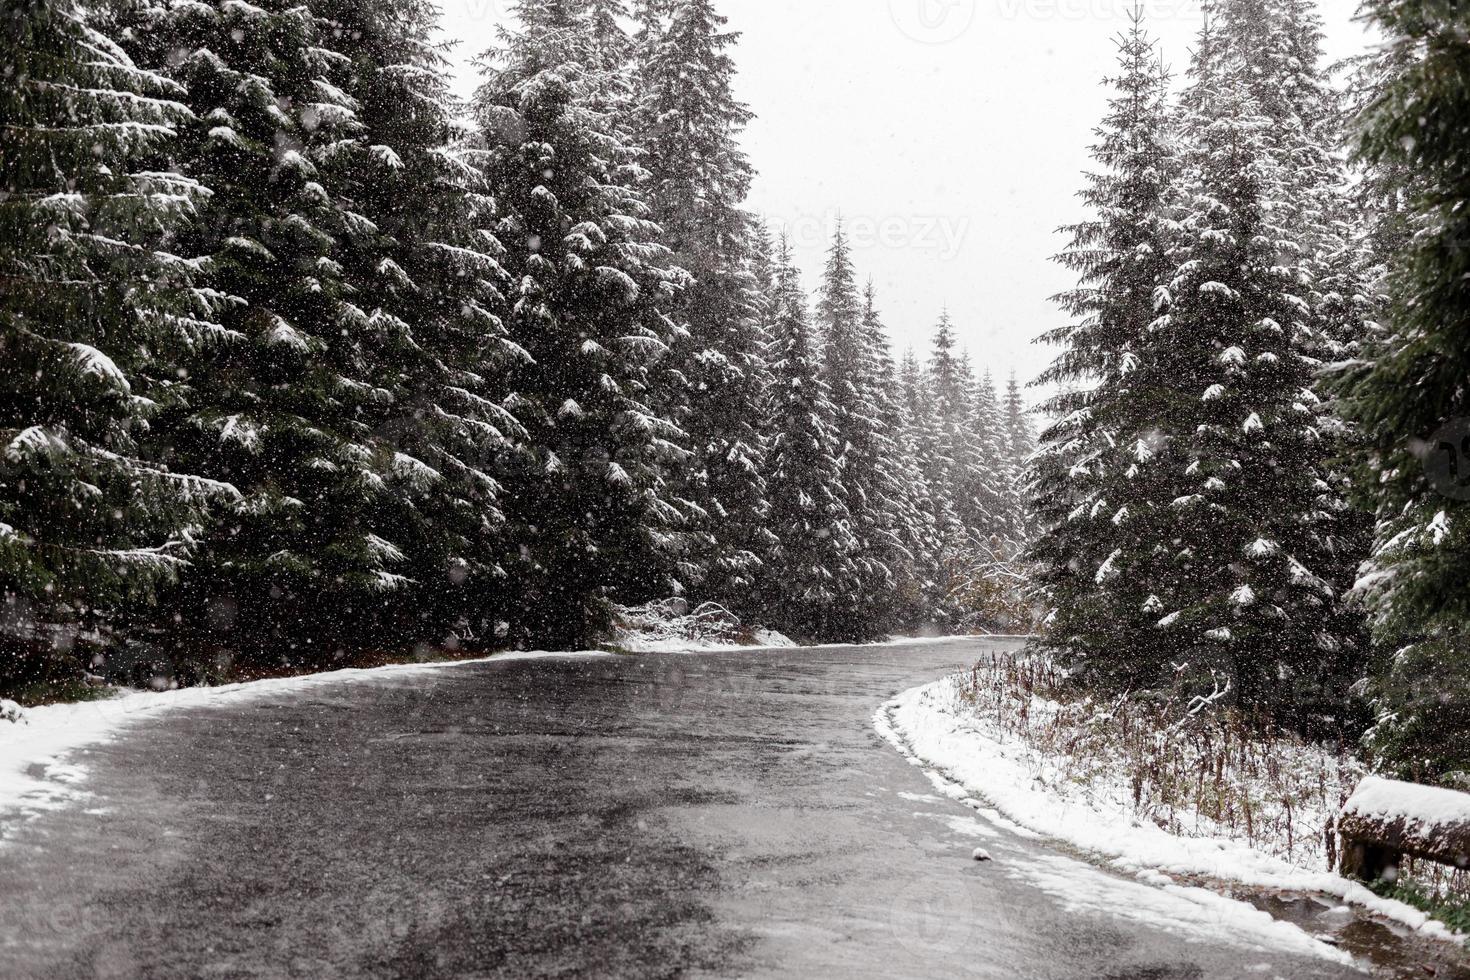 Vista panorámica de la carretera con fondo de nieve y montaña y árboles gigantes en temporada de invierno. morske oko foto